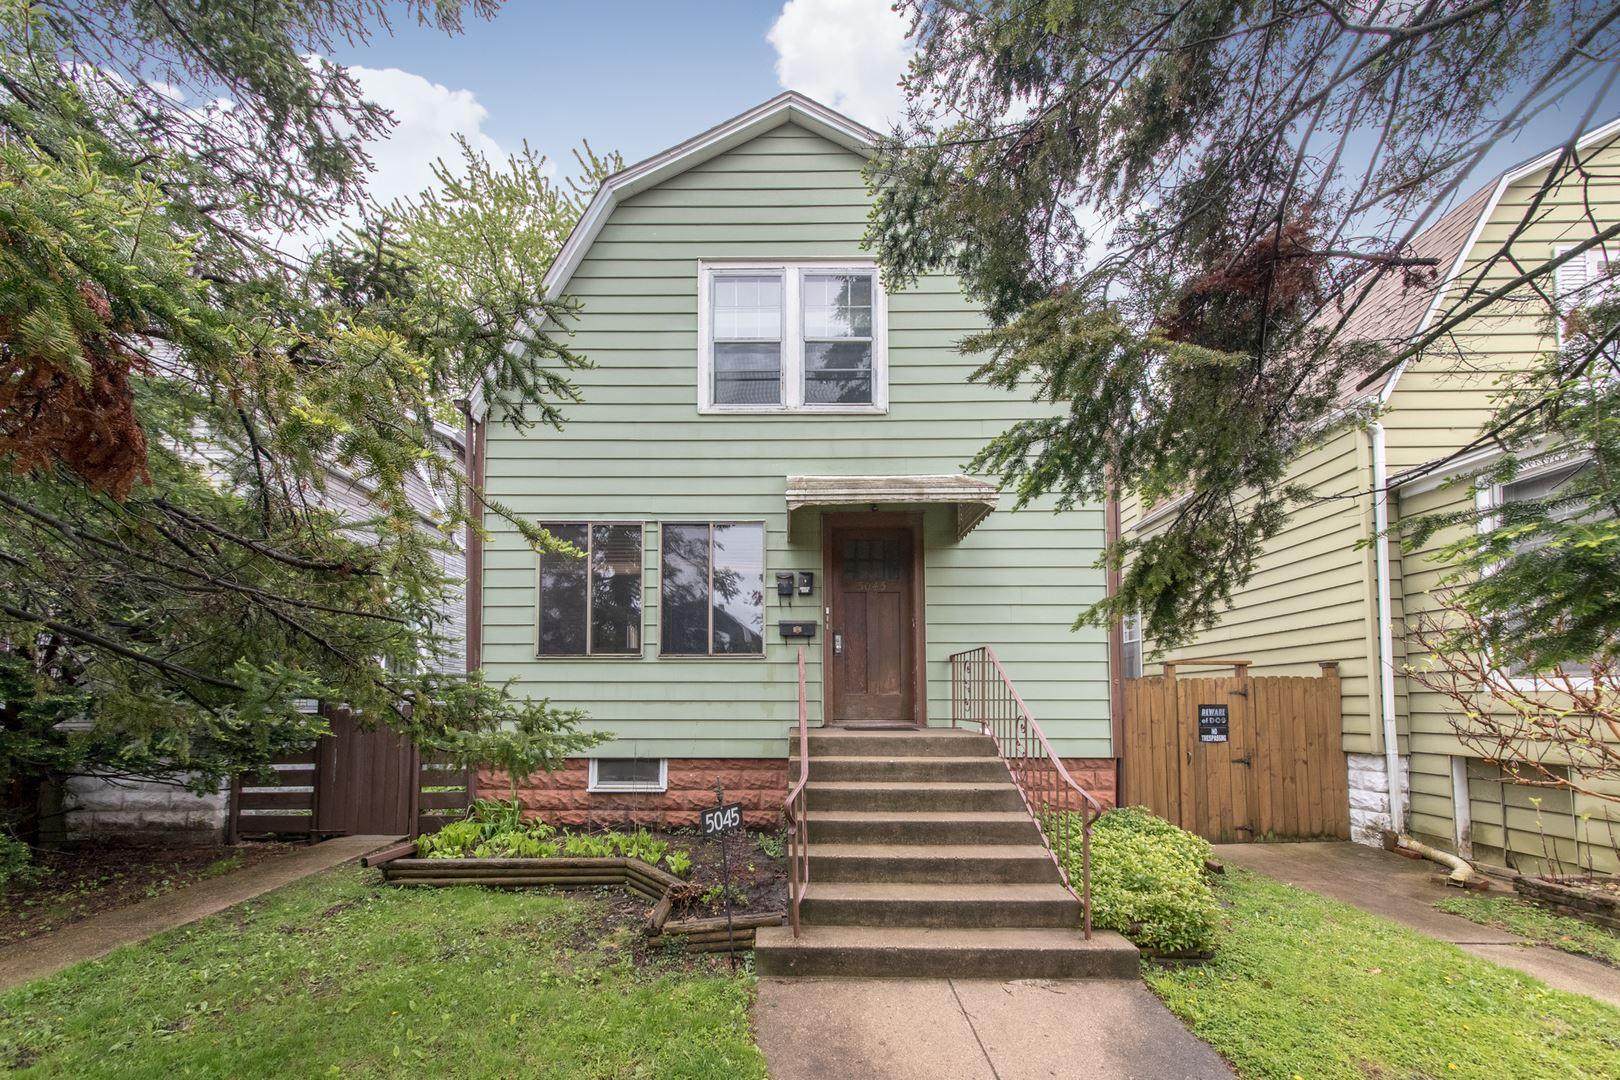 5045 W Winona Street, Chicago, IL 60630 - #: 10716346